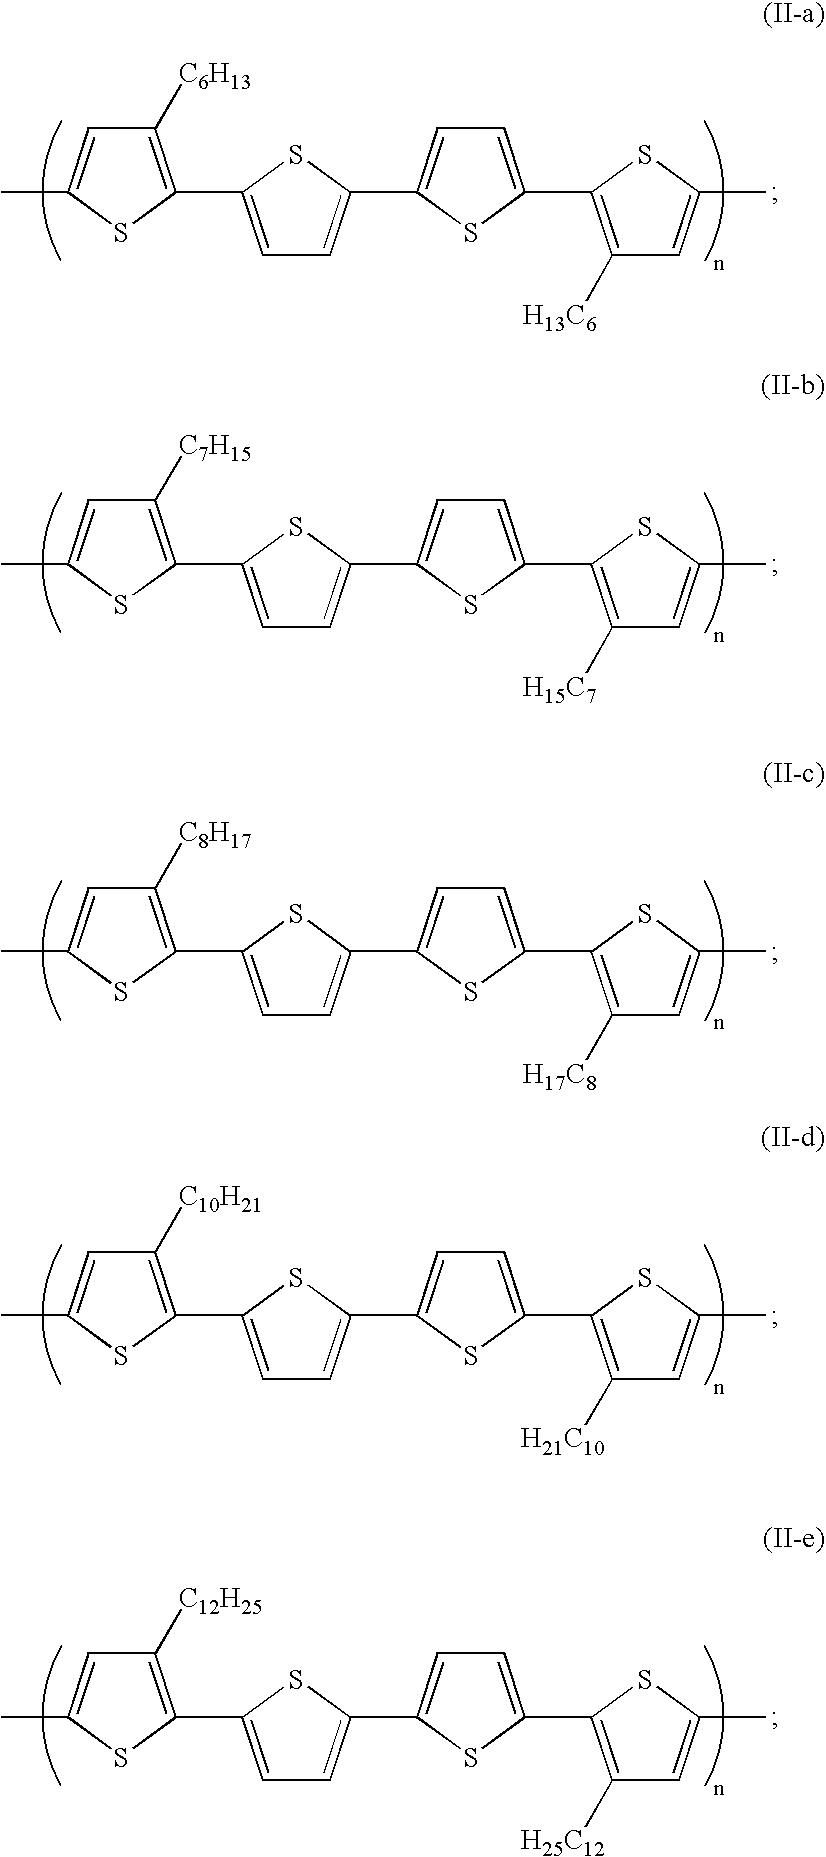 Figure US20050017311A1-20050127-C00019